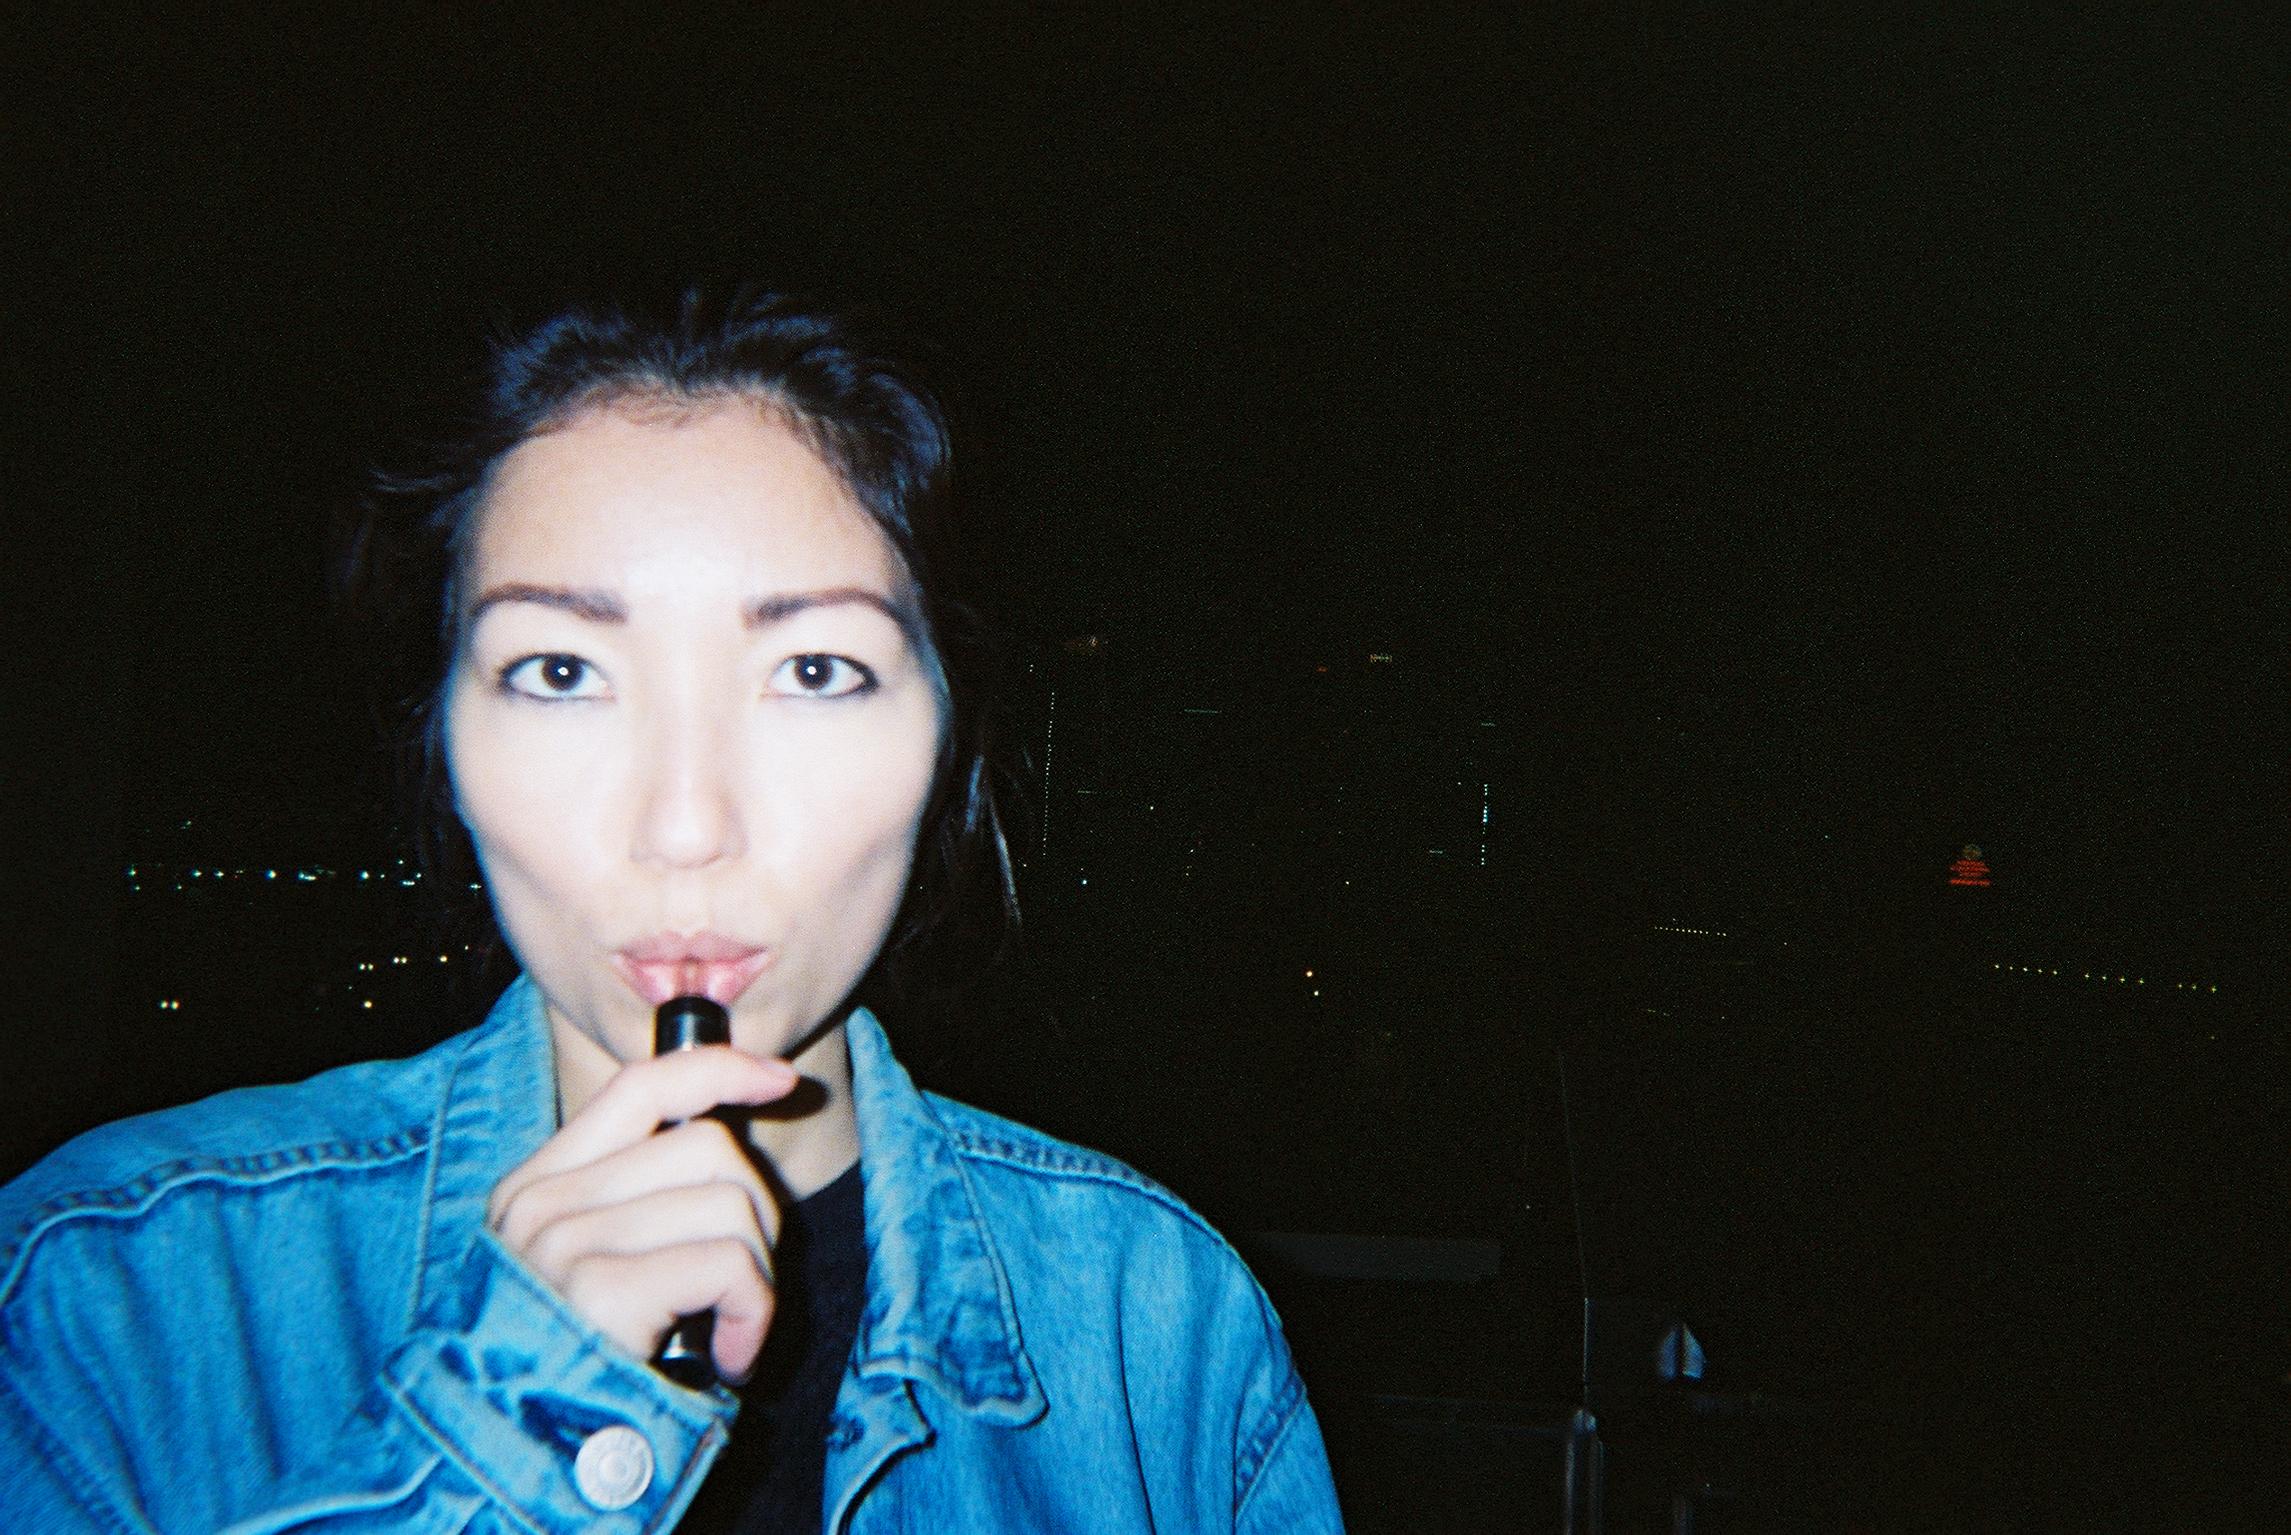 Smoke sesh